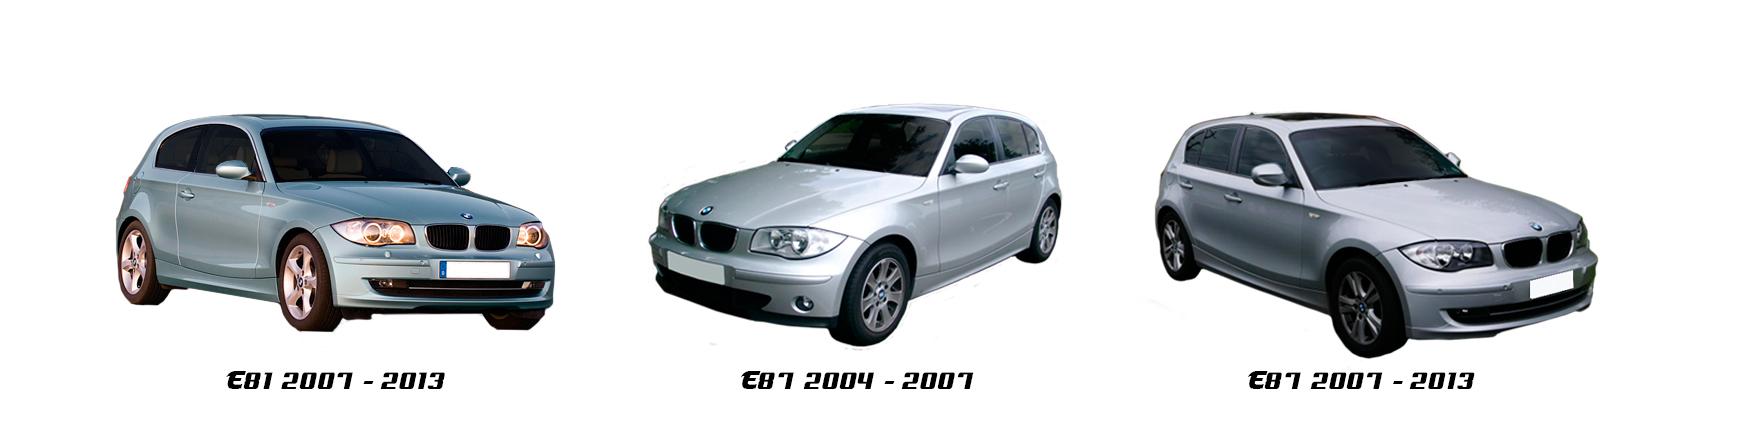 bmw serie 1 e87 2004 2005 2006 2007. Recambios de BMW al mejor precio.